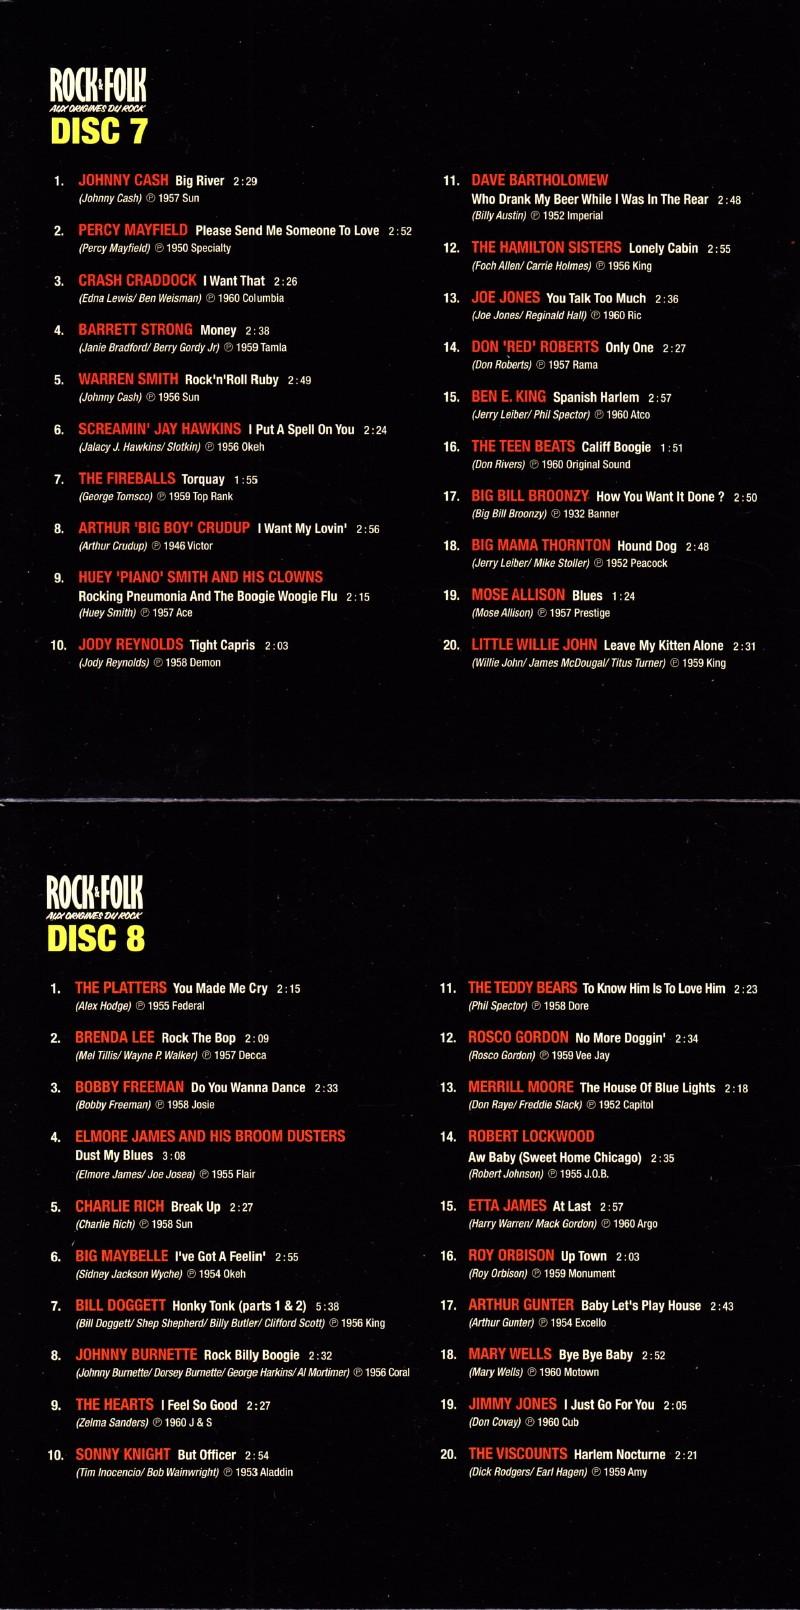 """Sélection de 200 titres par VINCENT PALMER (BIJOU) pour le coffret 10 CDs """"ROCK&FOLK : aux origines du rock"""" (Body & Soul/Wagram, 2011) 14121412180317899512793319"""